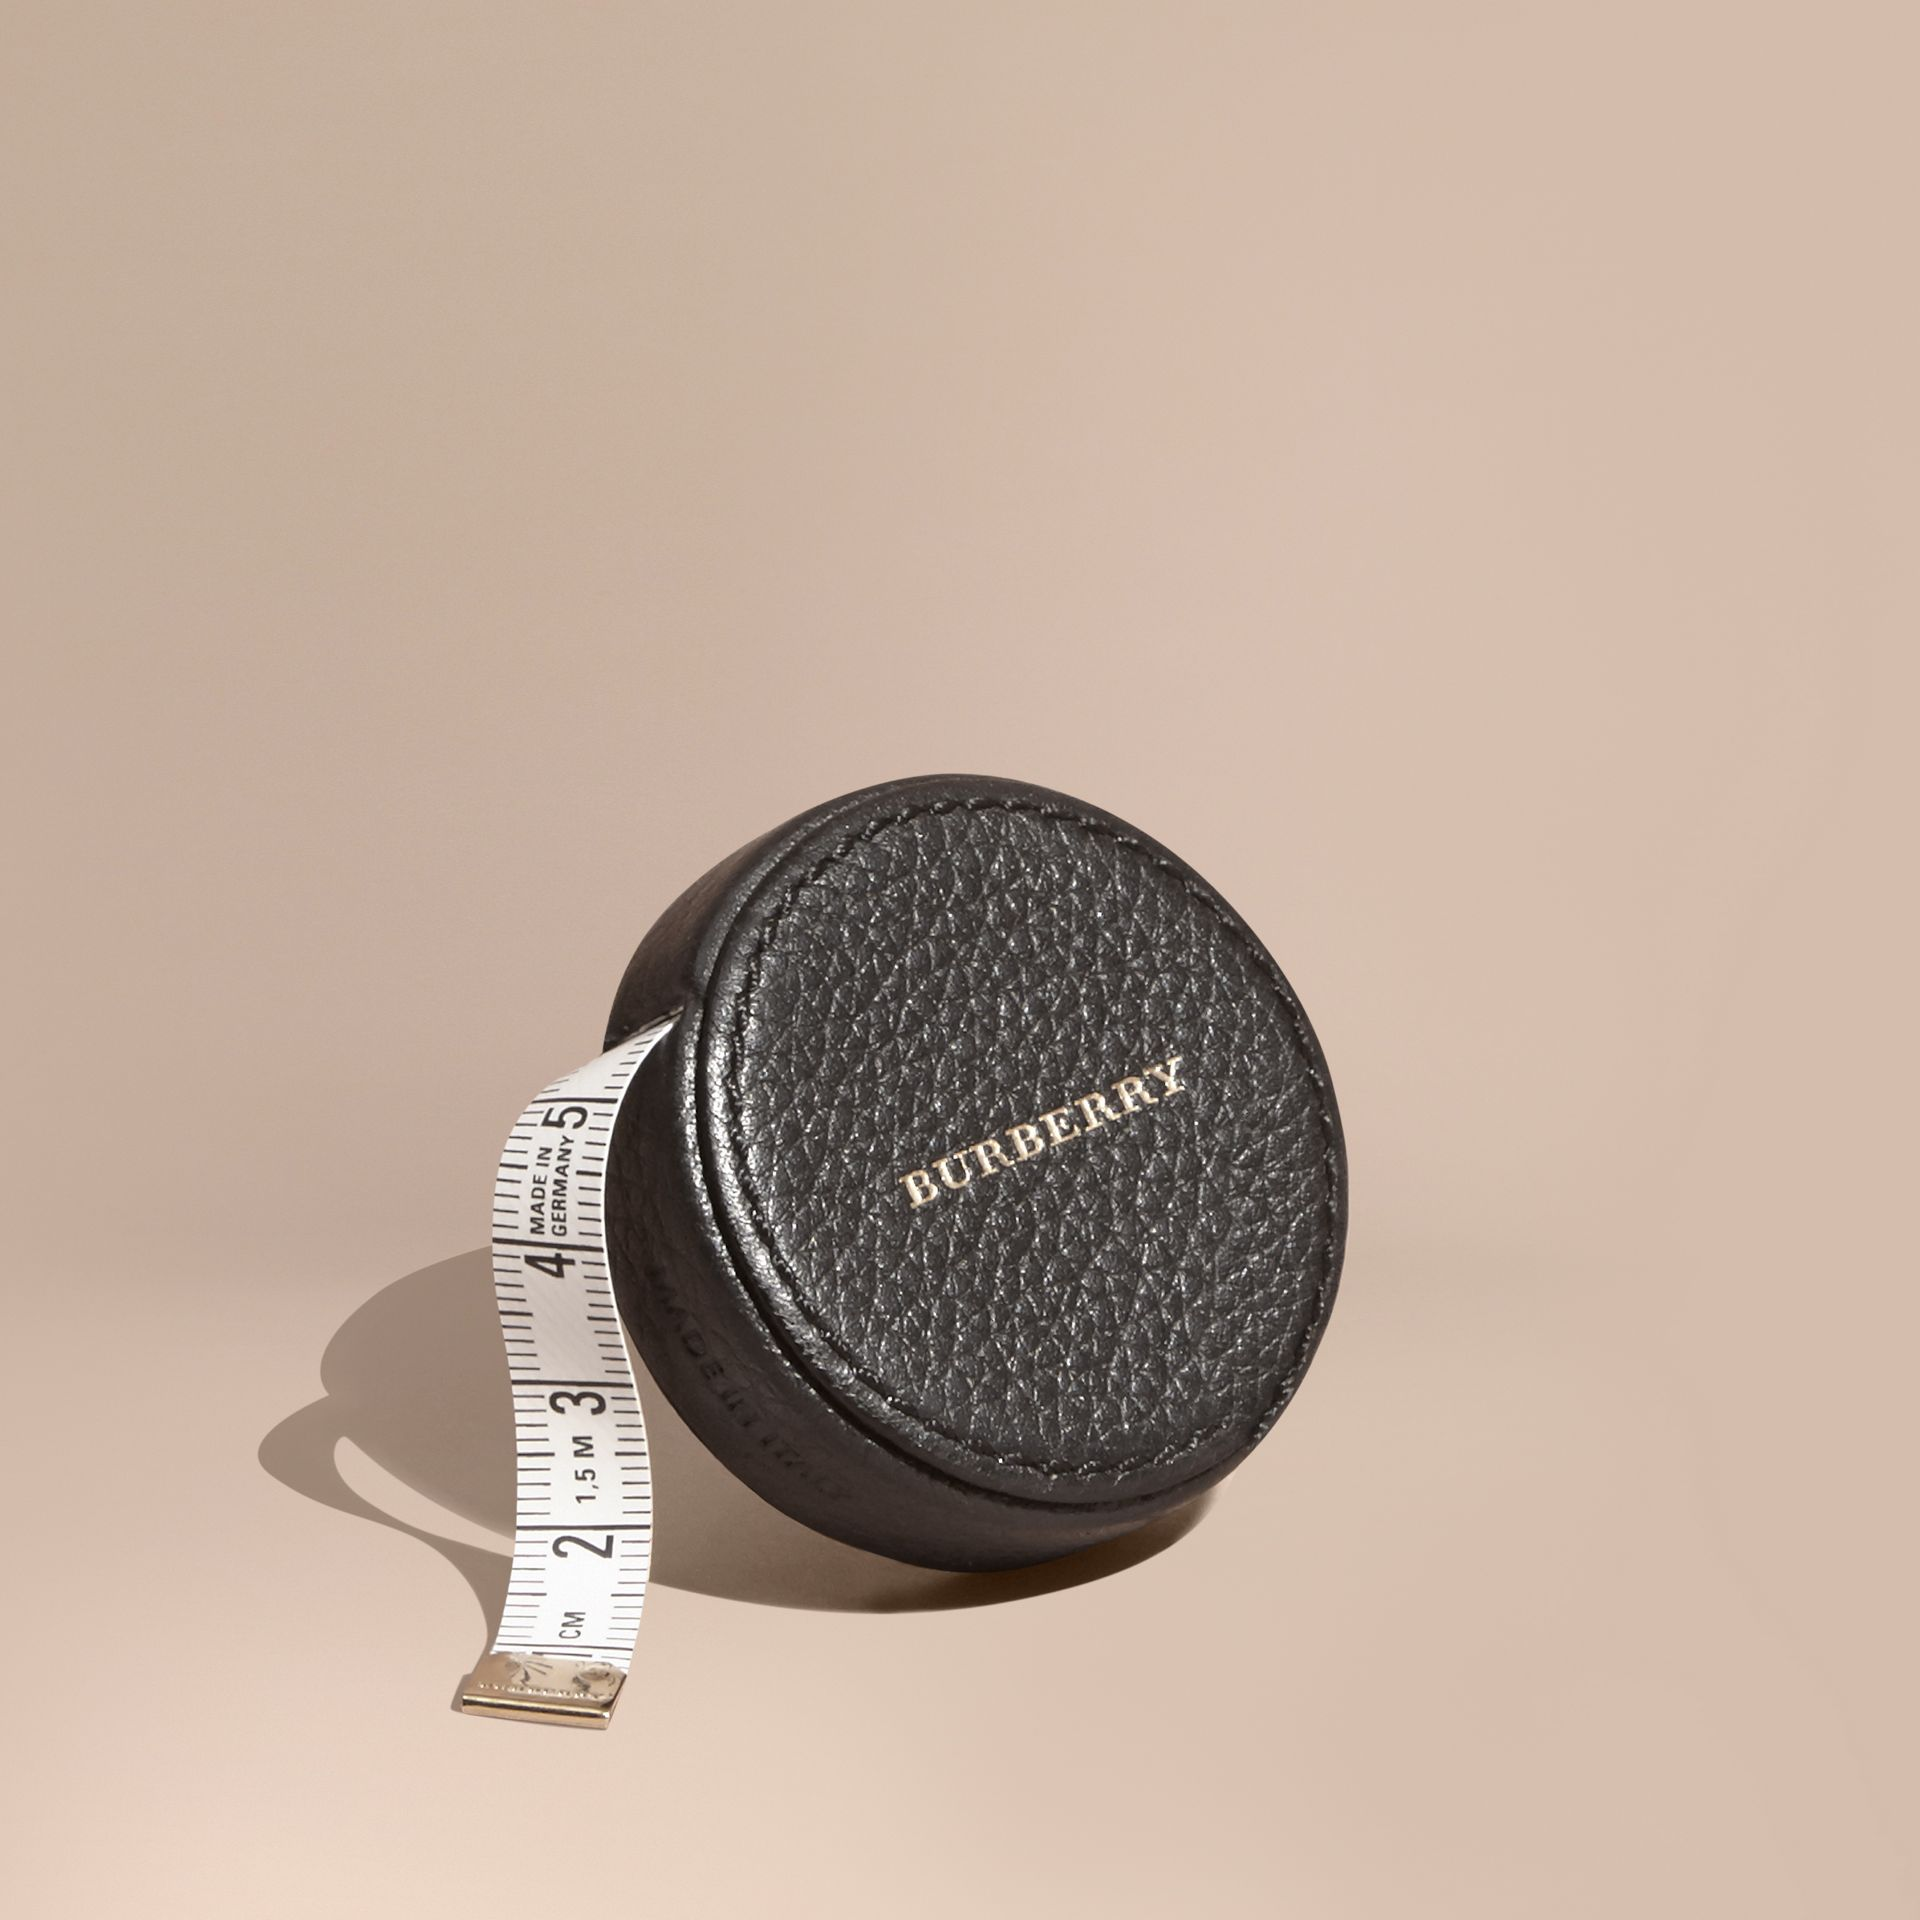 Preto Fita métrica com estojo de couro granulado - galeria de imagens 1